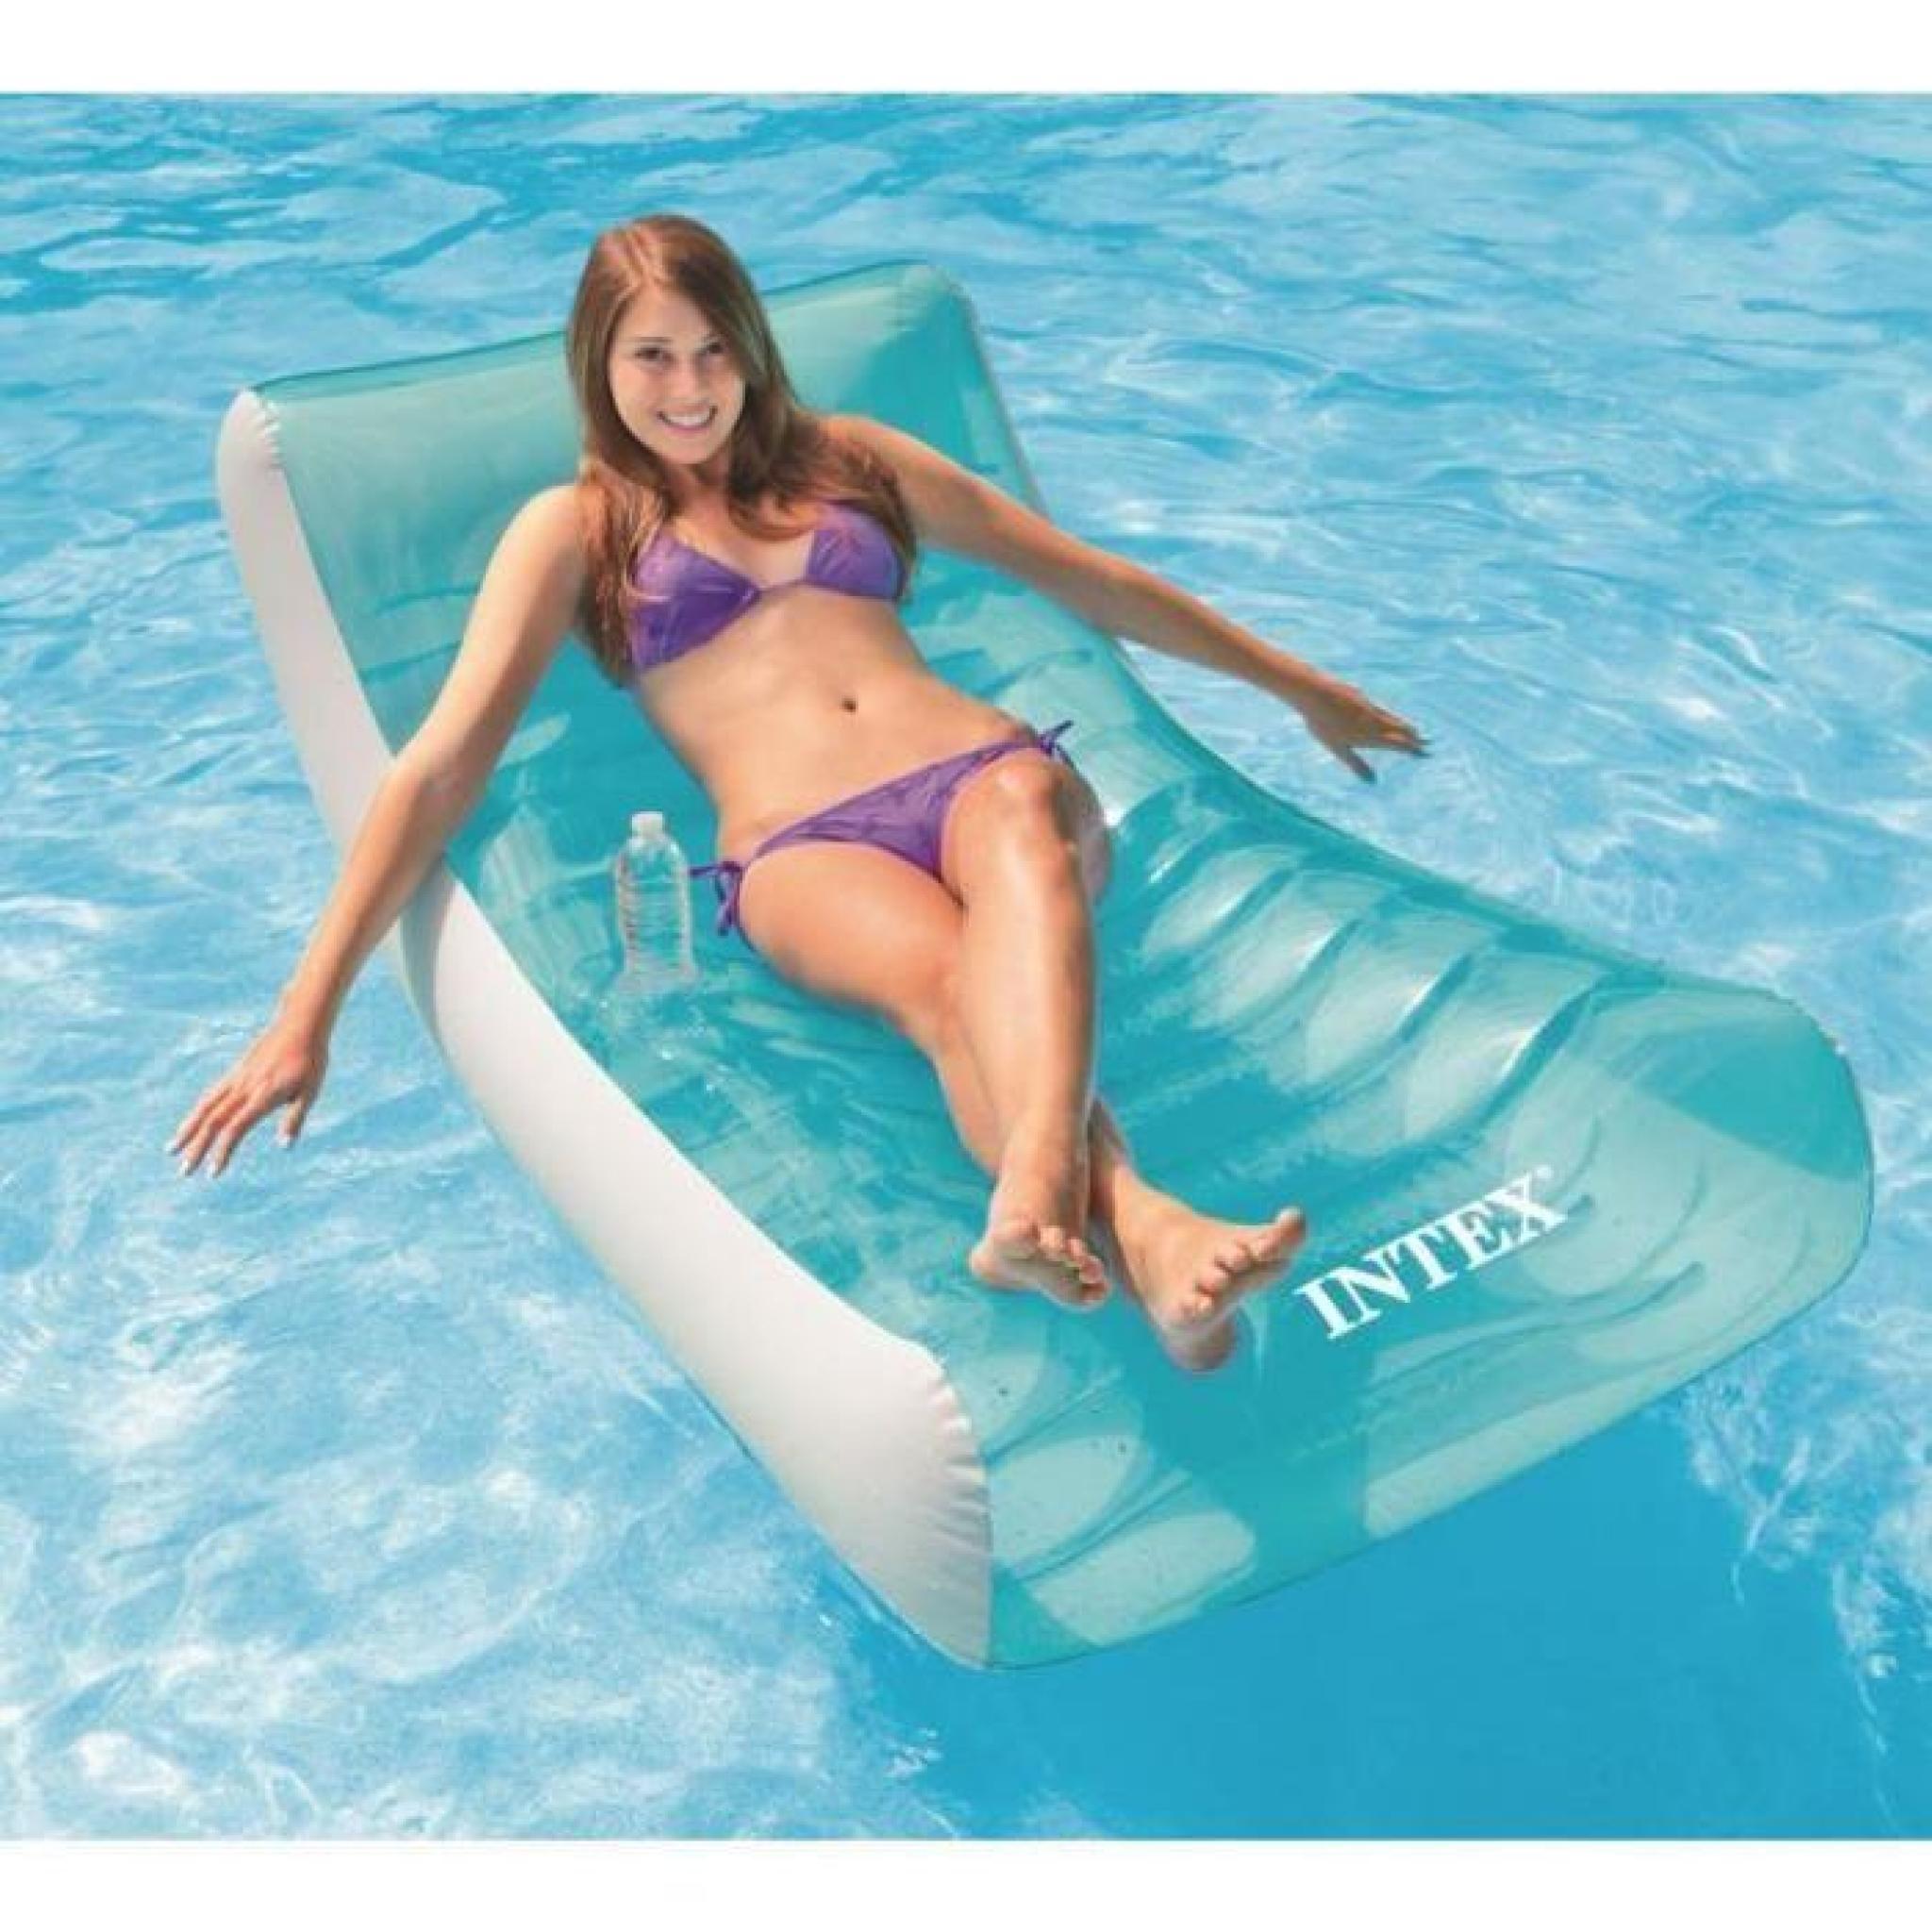 Intex Matelas Gonflable Adulte Pour Piscine Lounge 188 X 99 Cm avec Matelas Gonflable Piscine Pas Cher